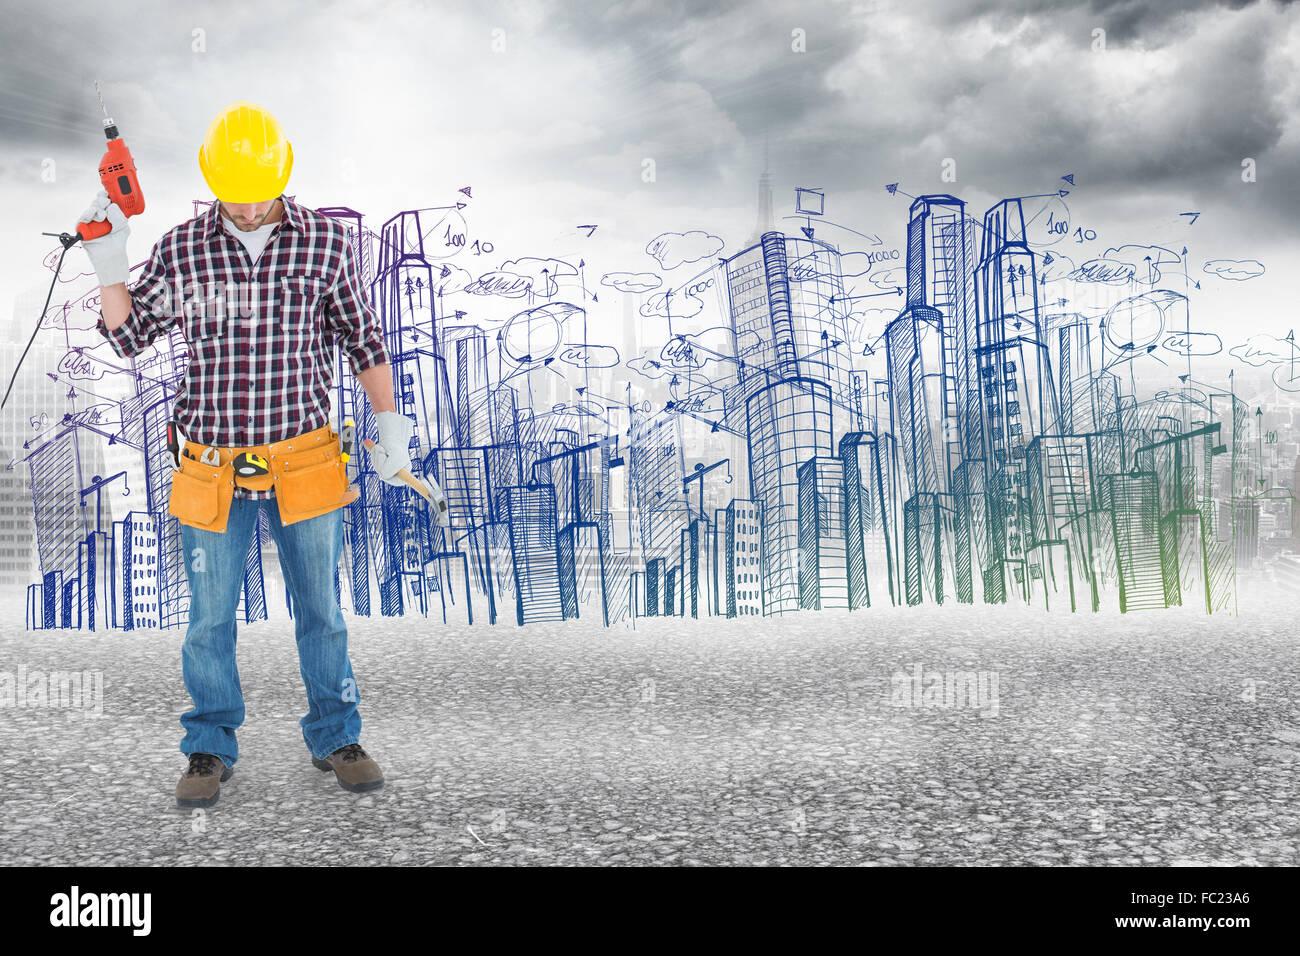 Immagine composita di maschio repairman azienda macchina di perforazione e un martello Immagini Stock